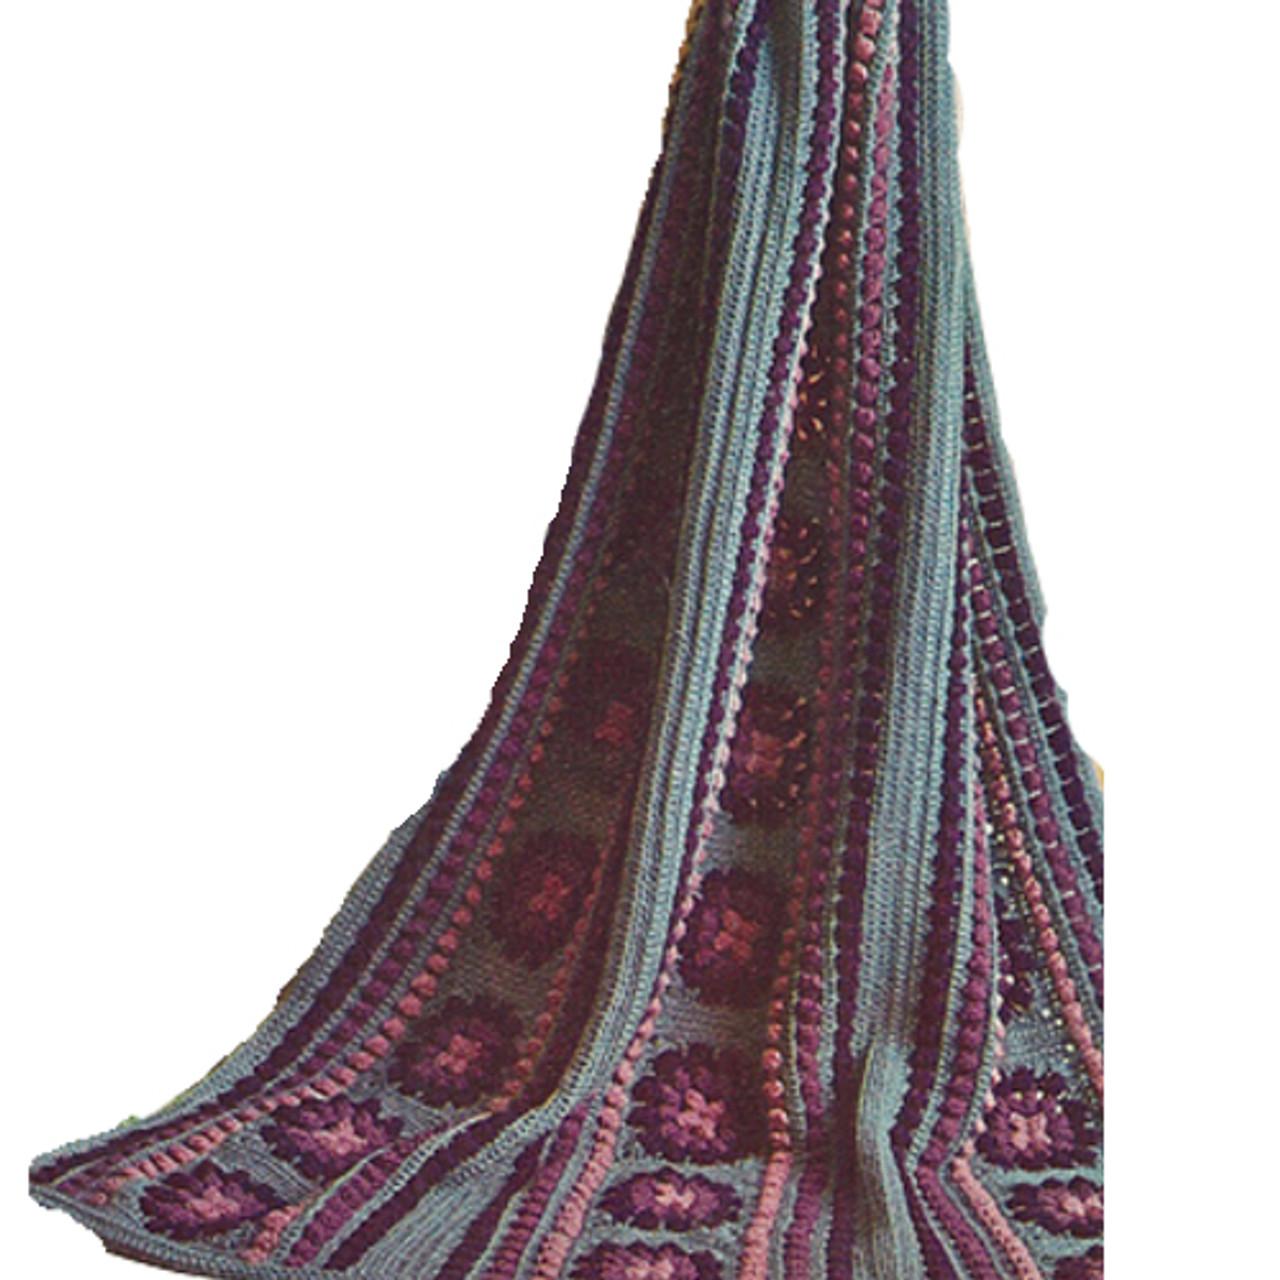 Crochet Afghan Pattern in Striped Panels